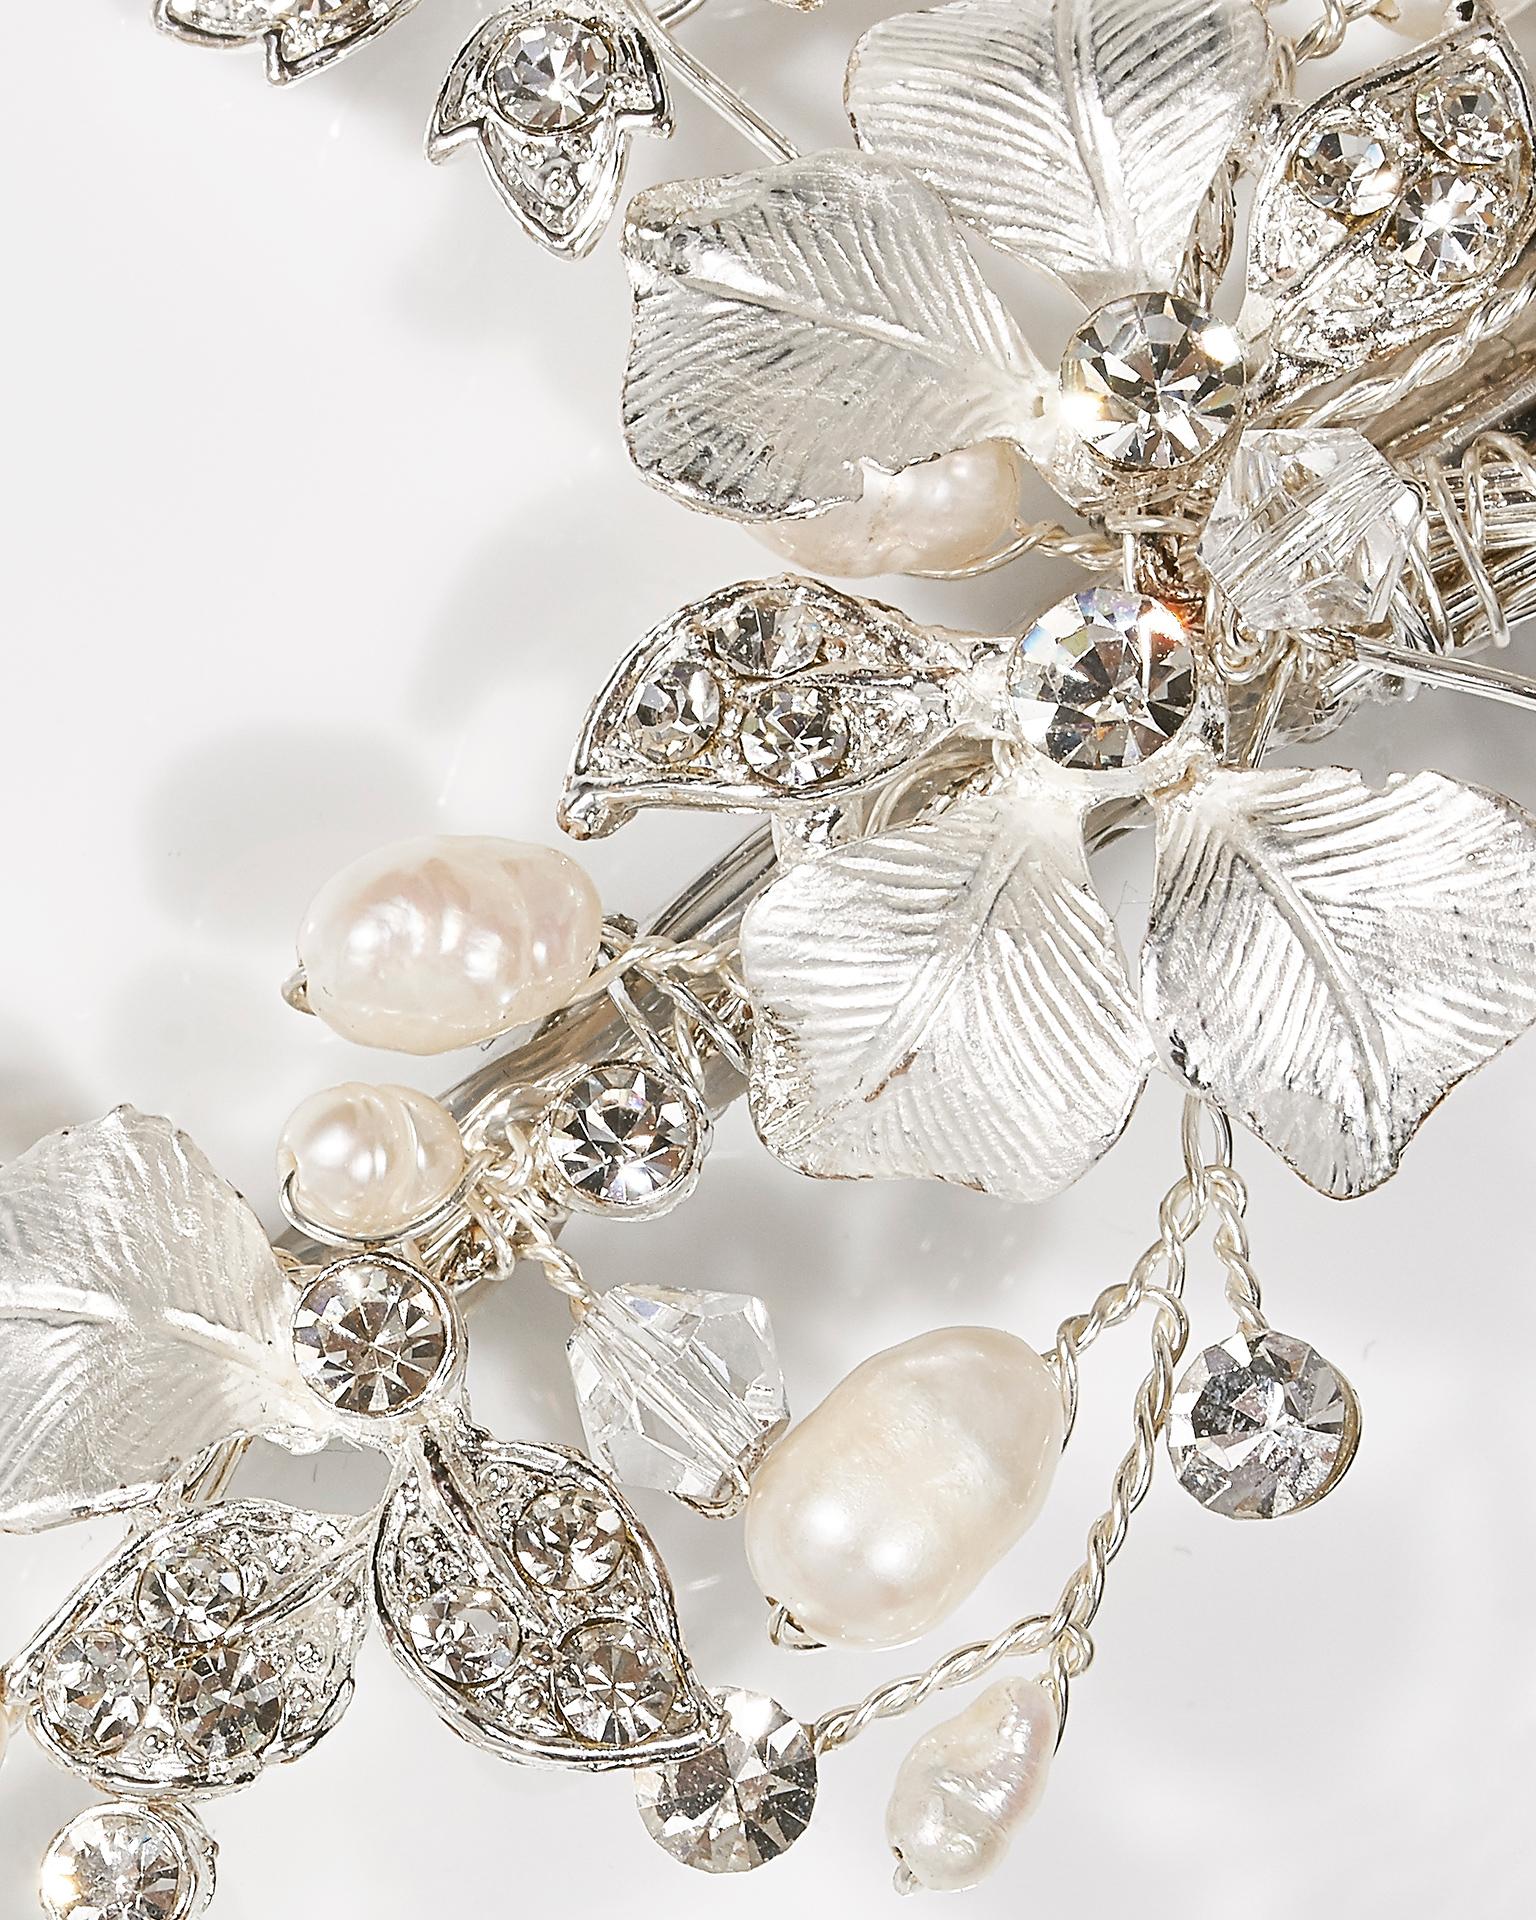 Zierkamm mit Blüten, Kristallen und Perlen, silberfarben. Kollektion  2018.